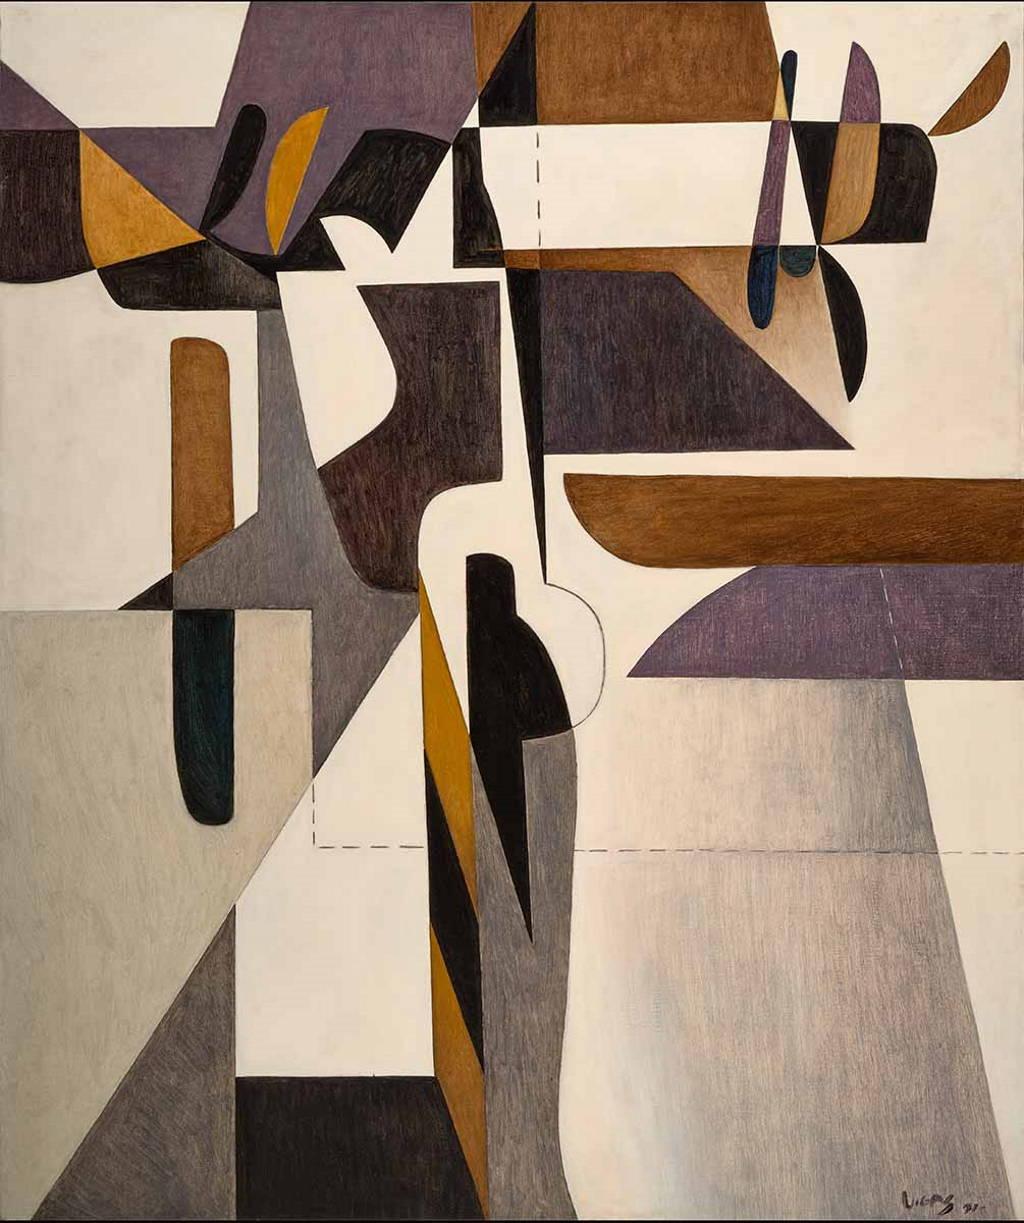 """Oswaldo Vigas. """"HIERÁTICA IV"""", 1971. Oil on canvas, 70.7 x 58.9 inches : Fotografía cortesía de la © Fundación Oswaldo Vigas"""